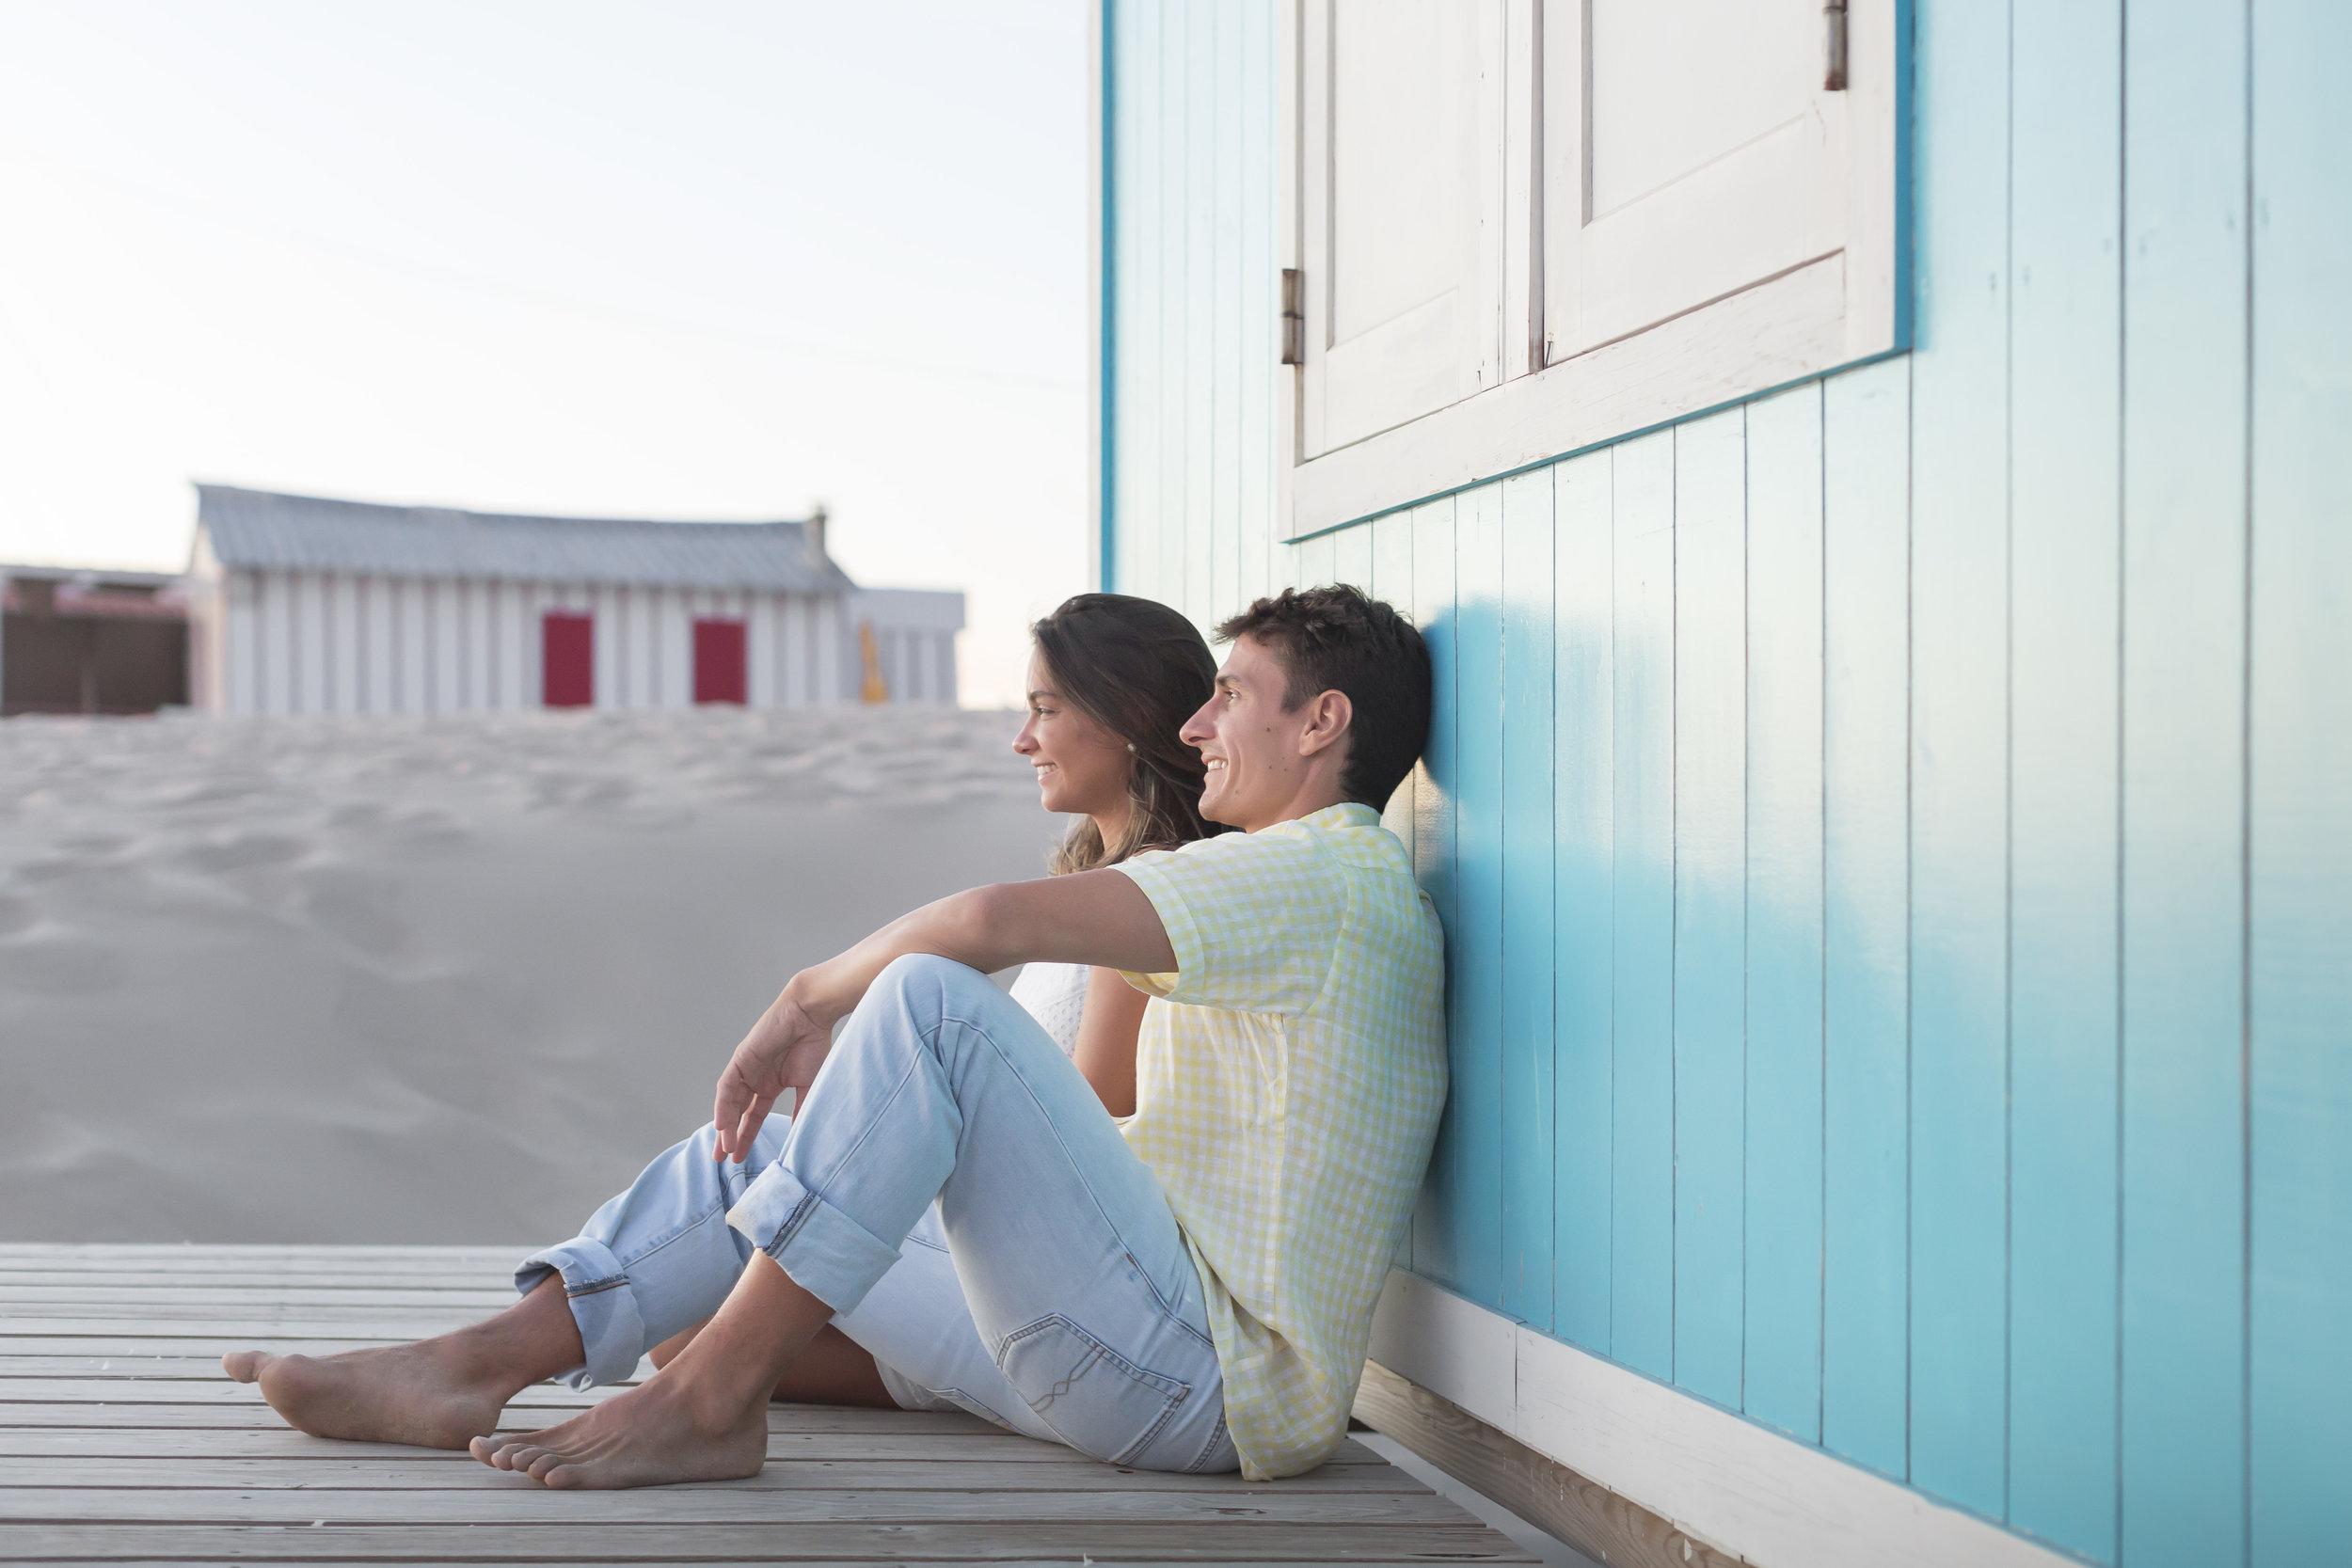 praia-saude-engagement-photographer-terra-fotografia-047.jpg